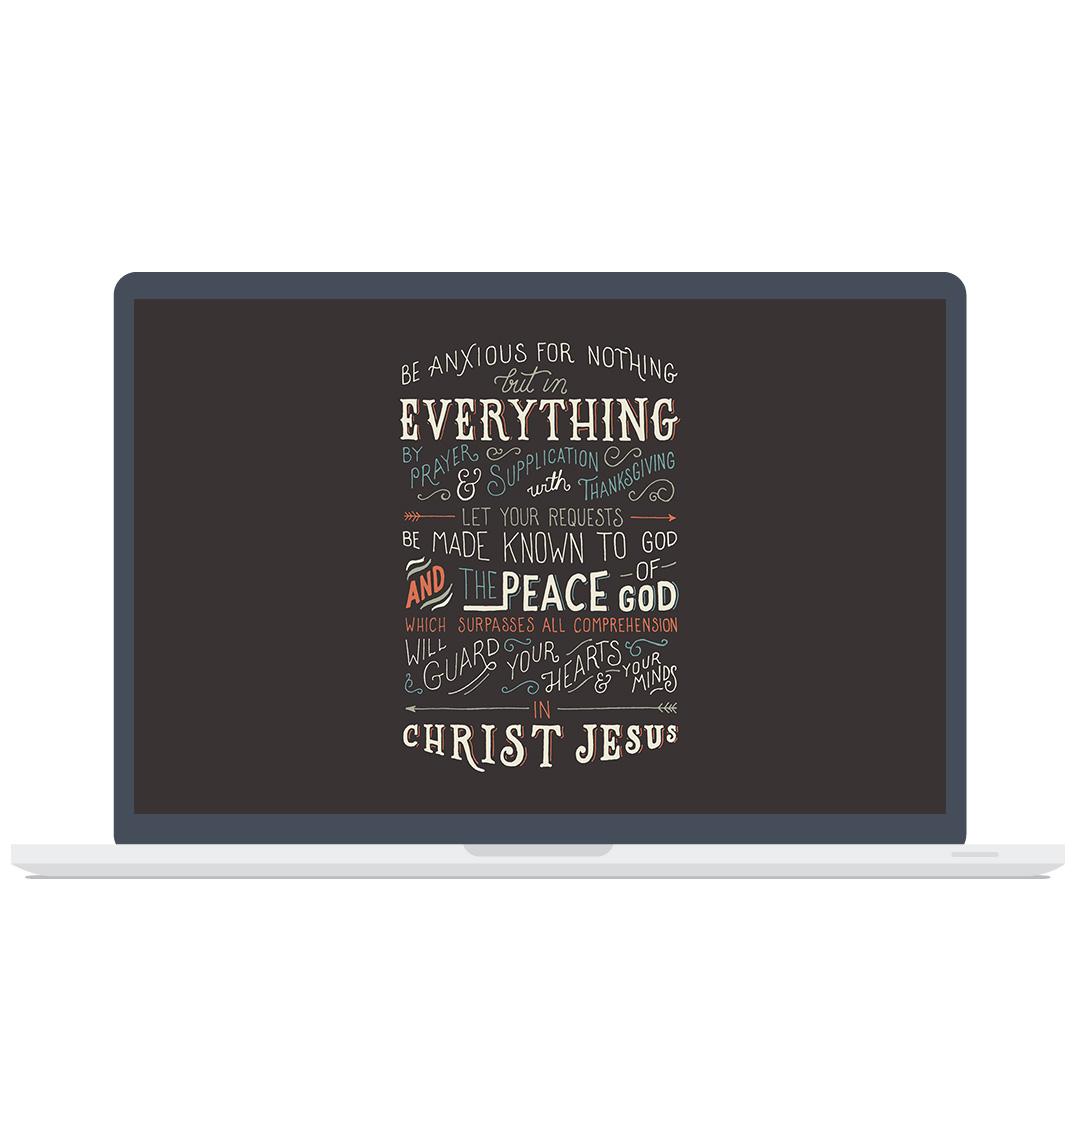 HLCO_Philippians-4-6-7_desktop.jpg